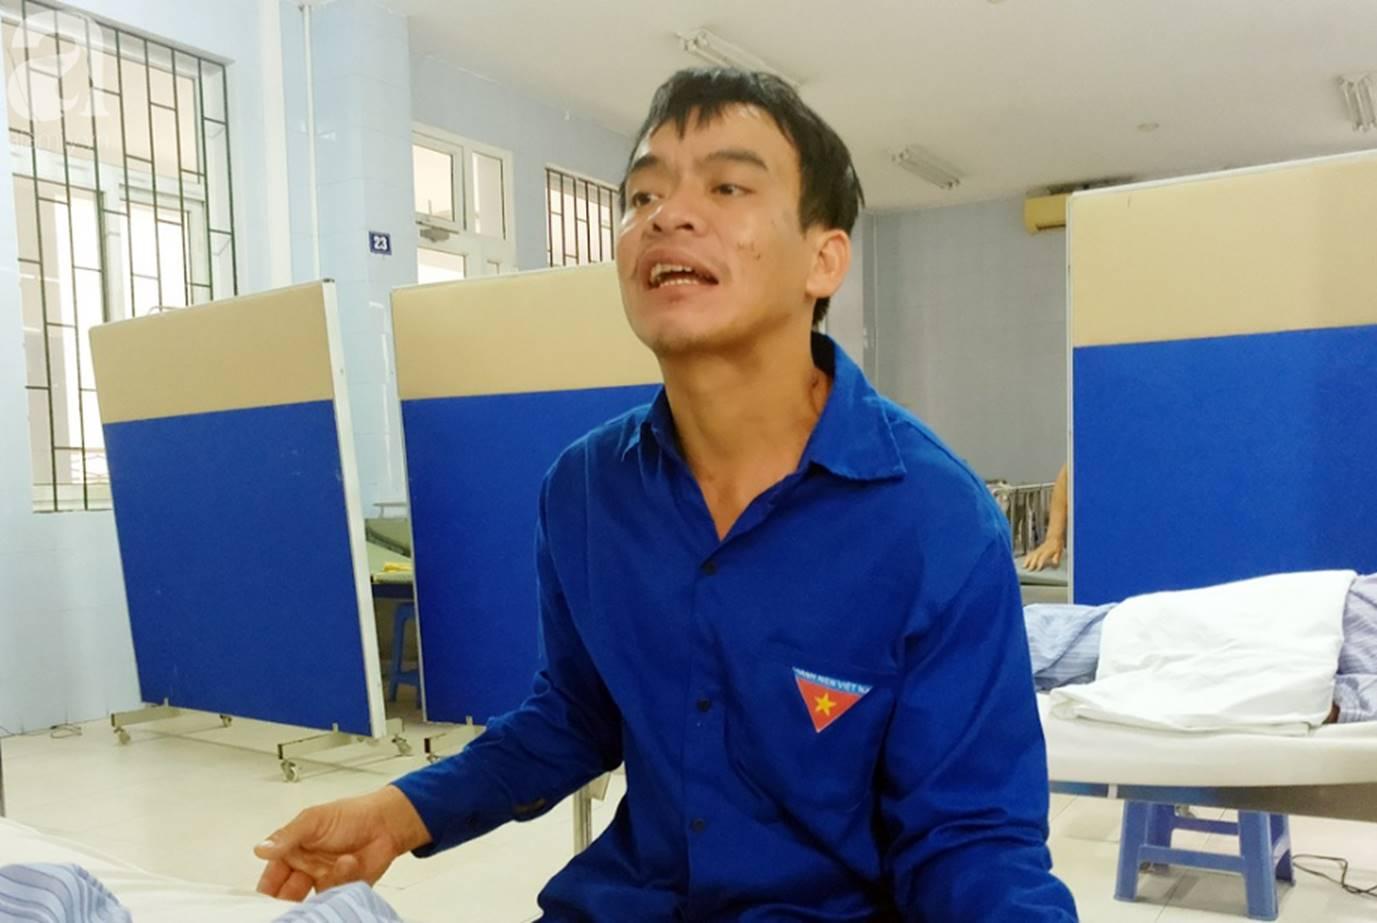 Nam Định: Chàng trai trẻ tàn tật khóc tuyệt vọng khi vợ hơn gNam Định: Chàng trai trẻ tàn tật khóc tuyệt vọng khi vợ hơn gần 10 tuổi lên cơn đau tim mà không tiền chạy chữa-2